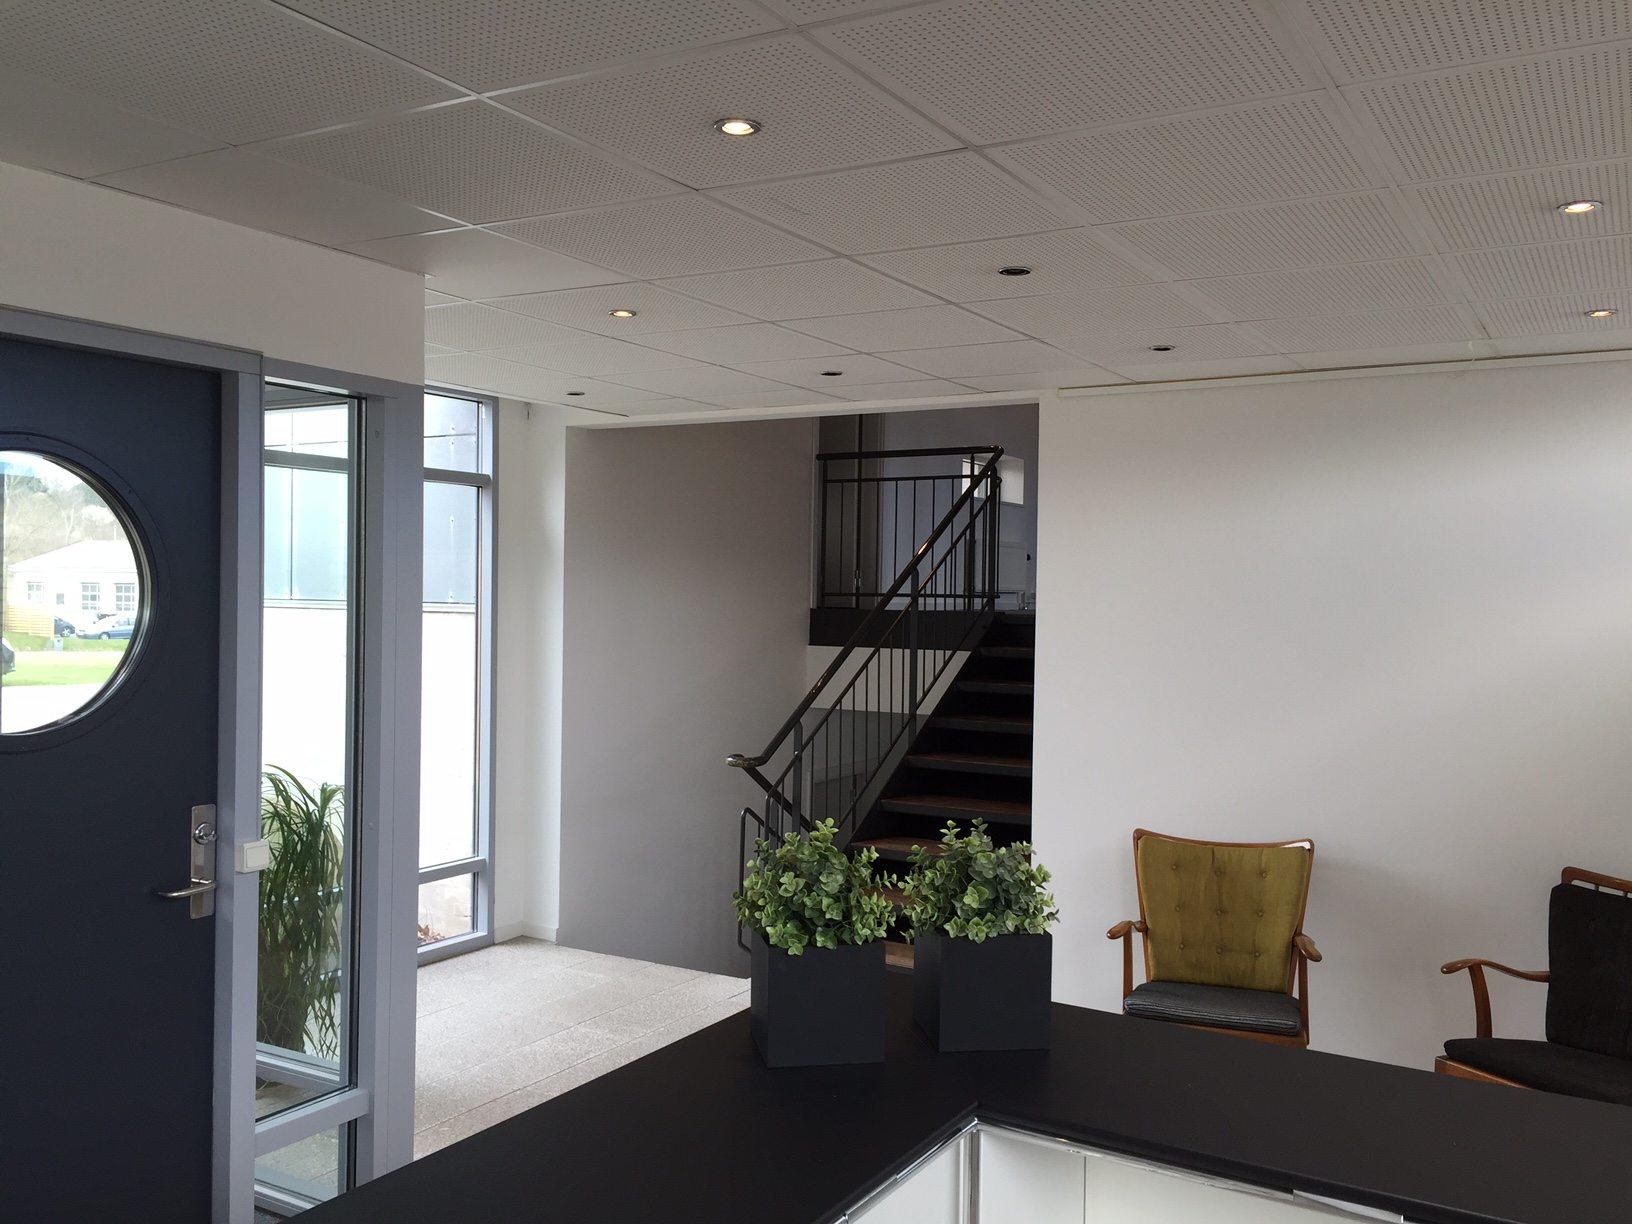 Kontorhotel med nyistandsat reception og indgang til kontorlokalerne